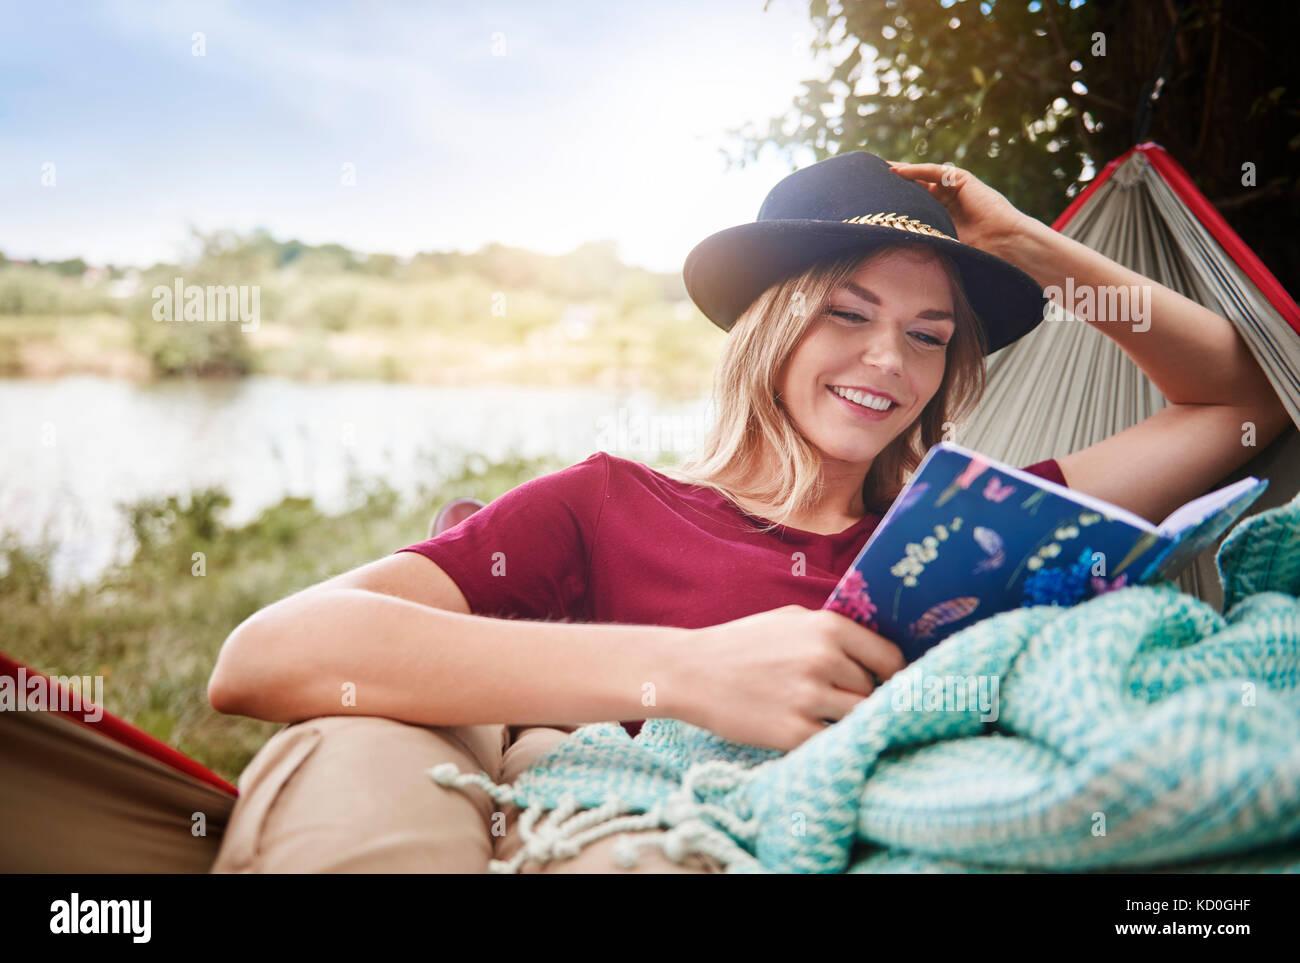 Mujer, relajarse en una hamaca leyendo libros, Cracovia, Malopolskie, Polonia, Europa Imagen De Stock